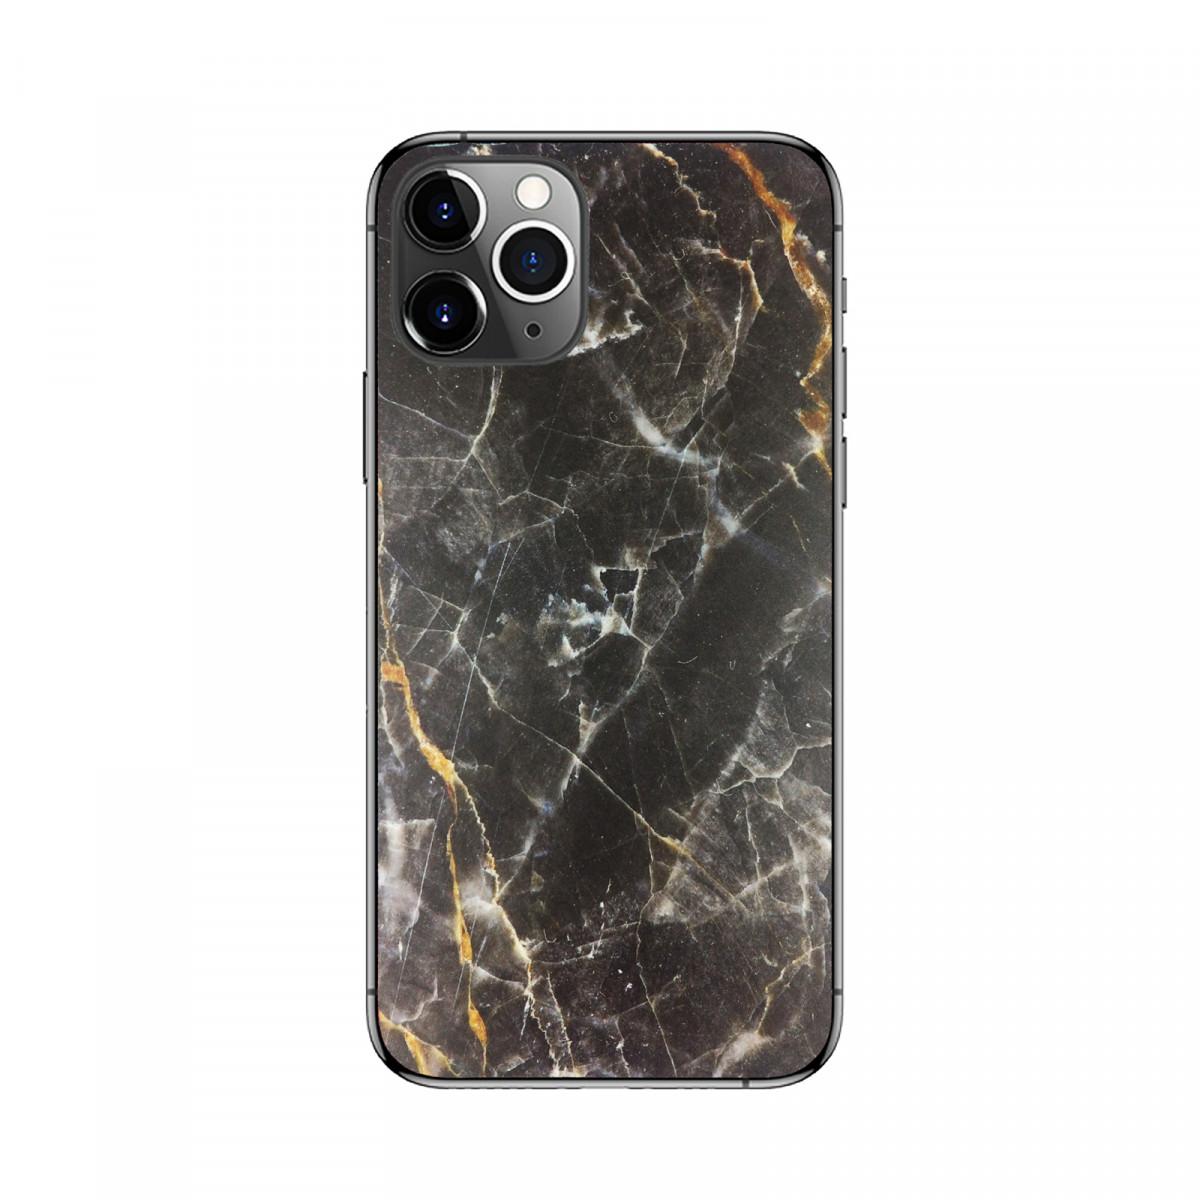 Захисна плівка на задню панель смартфона Бірюзовий Металік